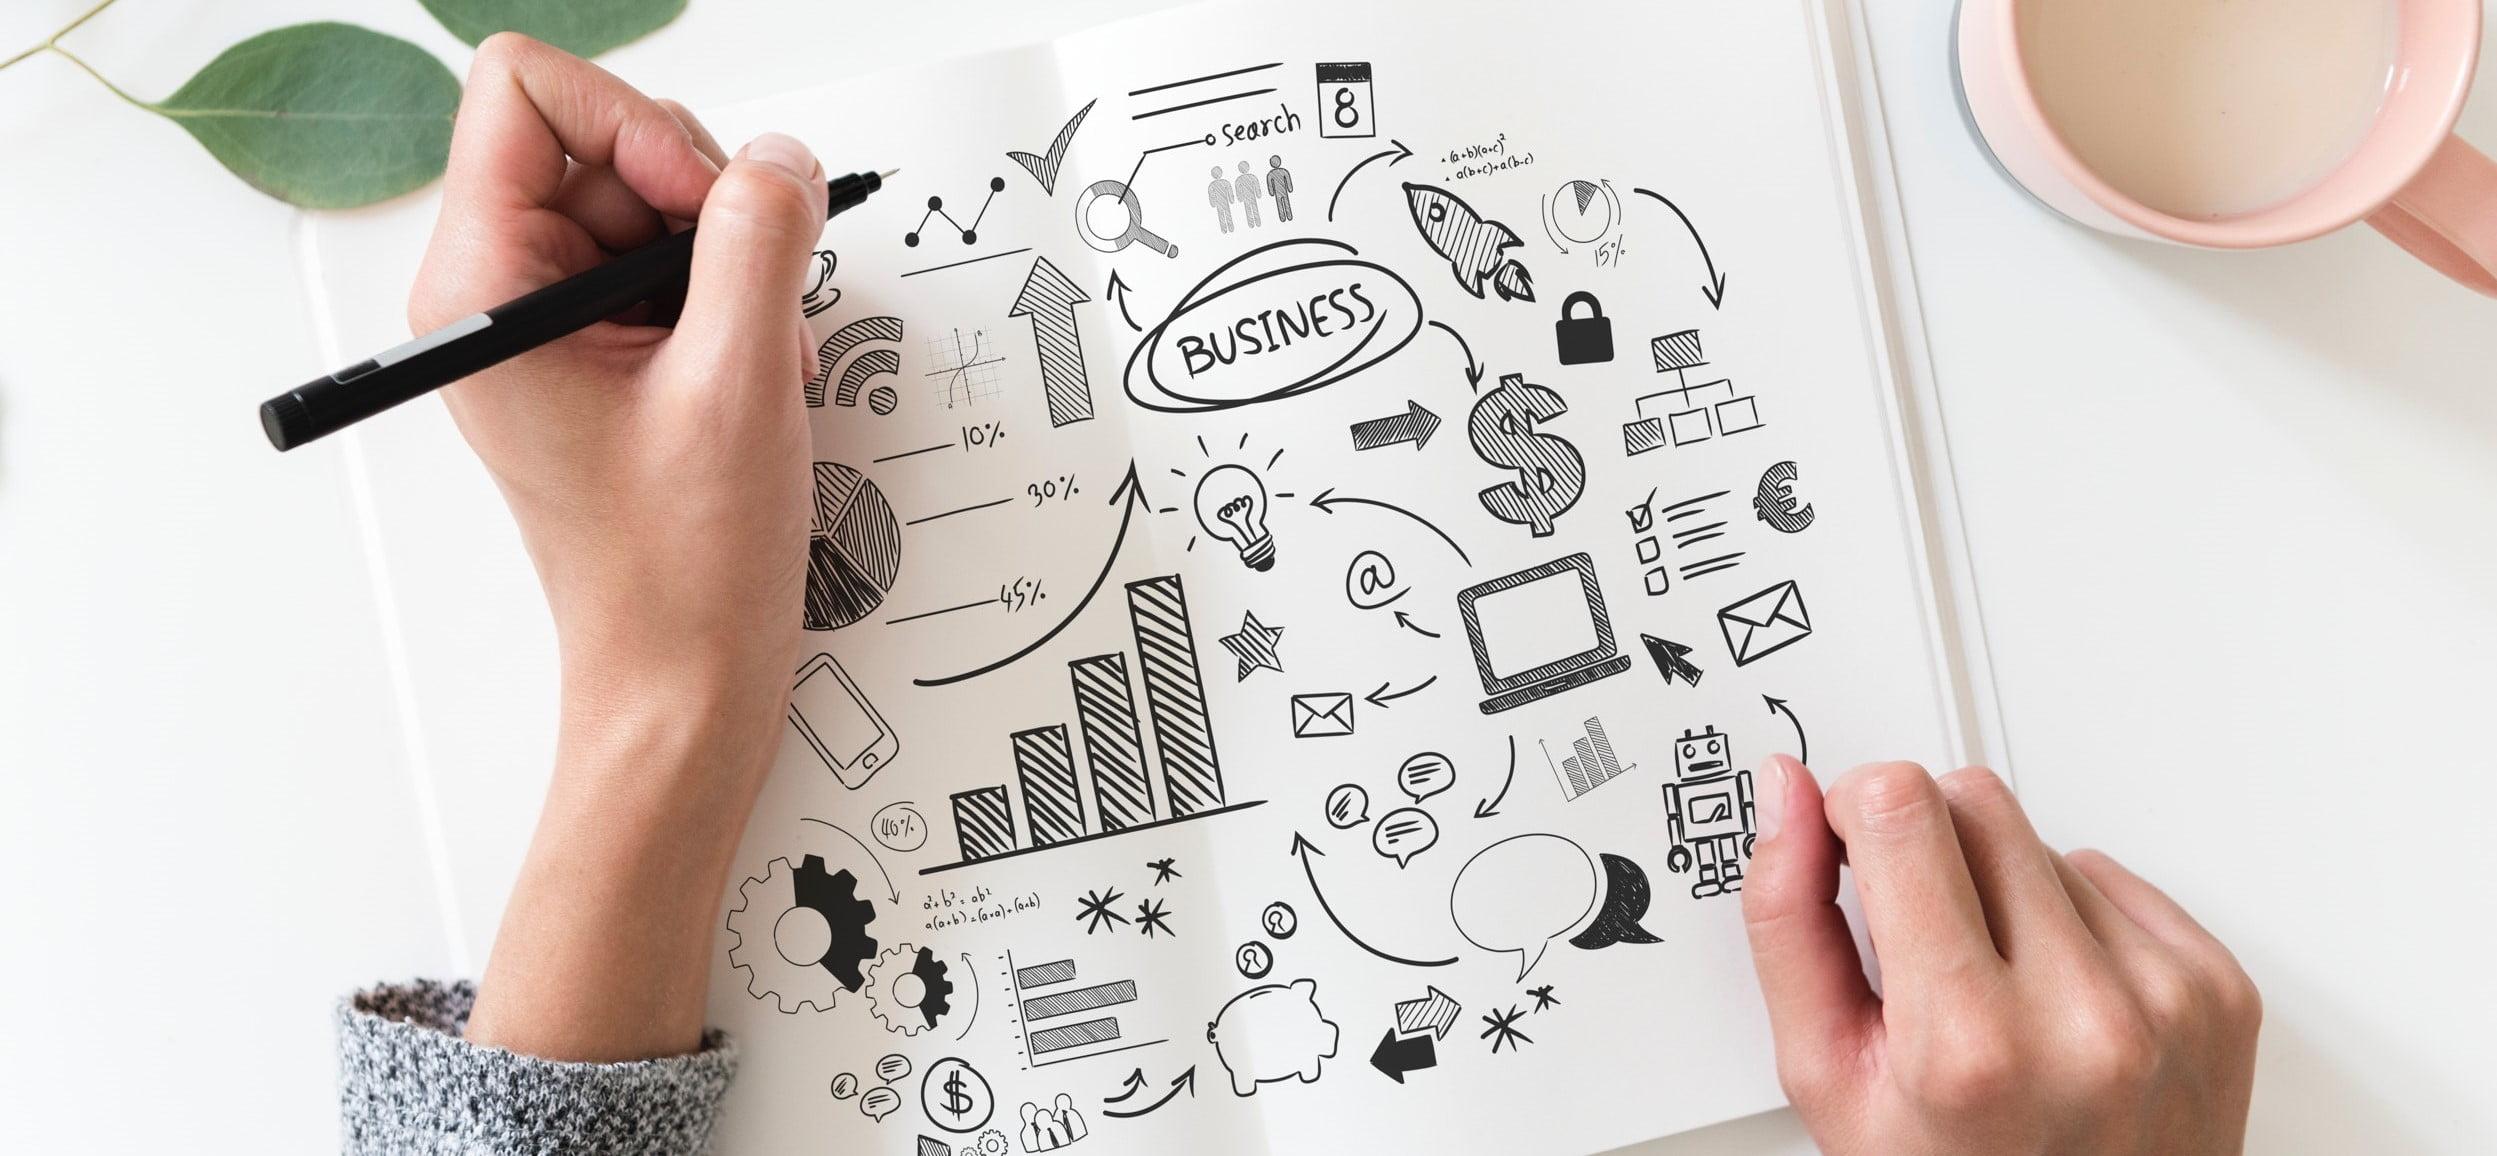 Internetinio marketingo strategijos. Kuri iš jų efektyviausia?